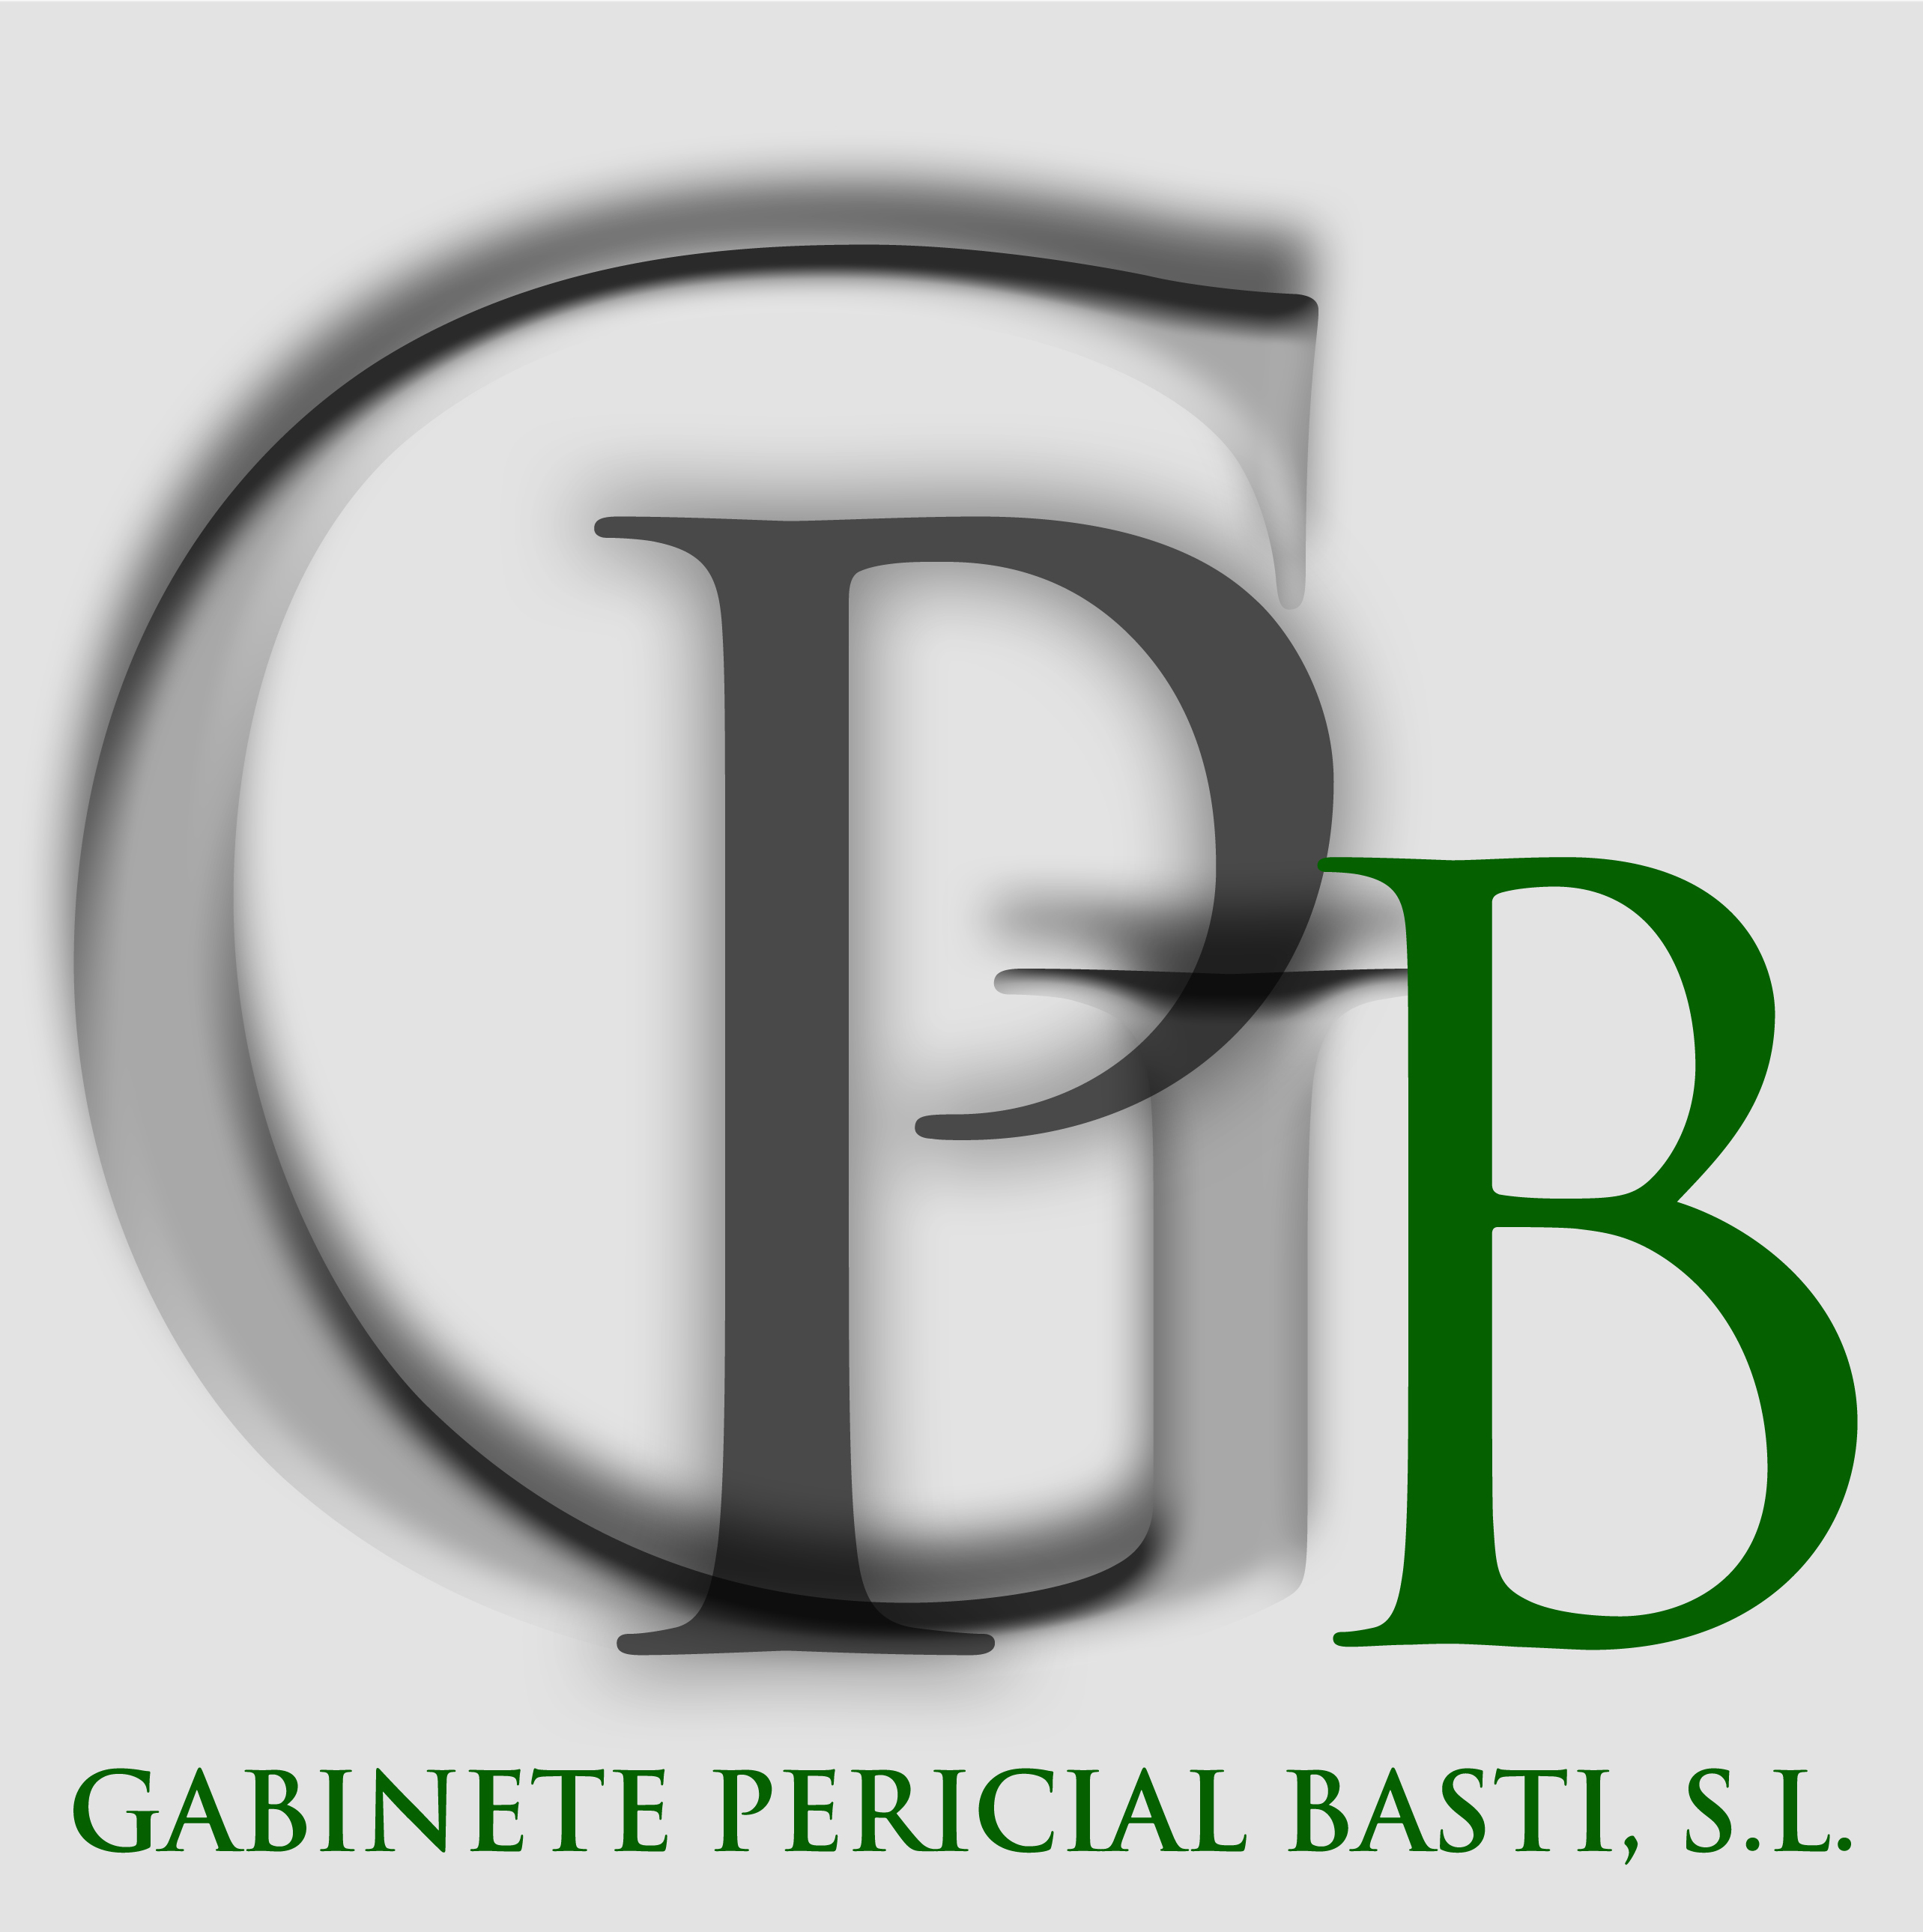 Ingenieria&peritaciones Basti, S.l.